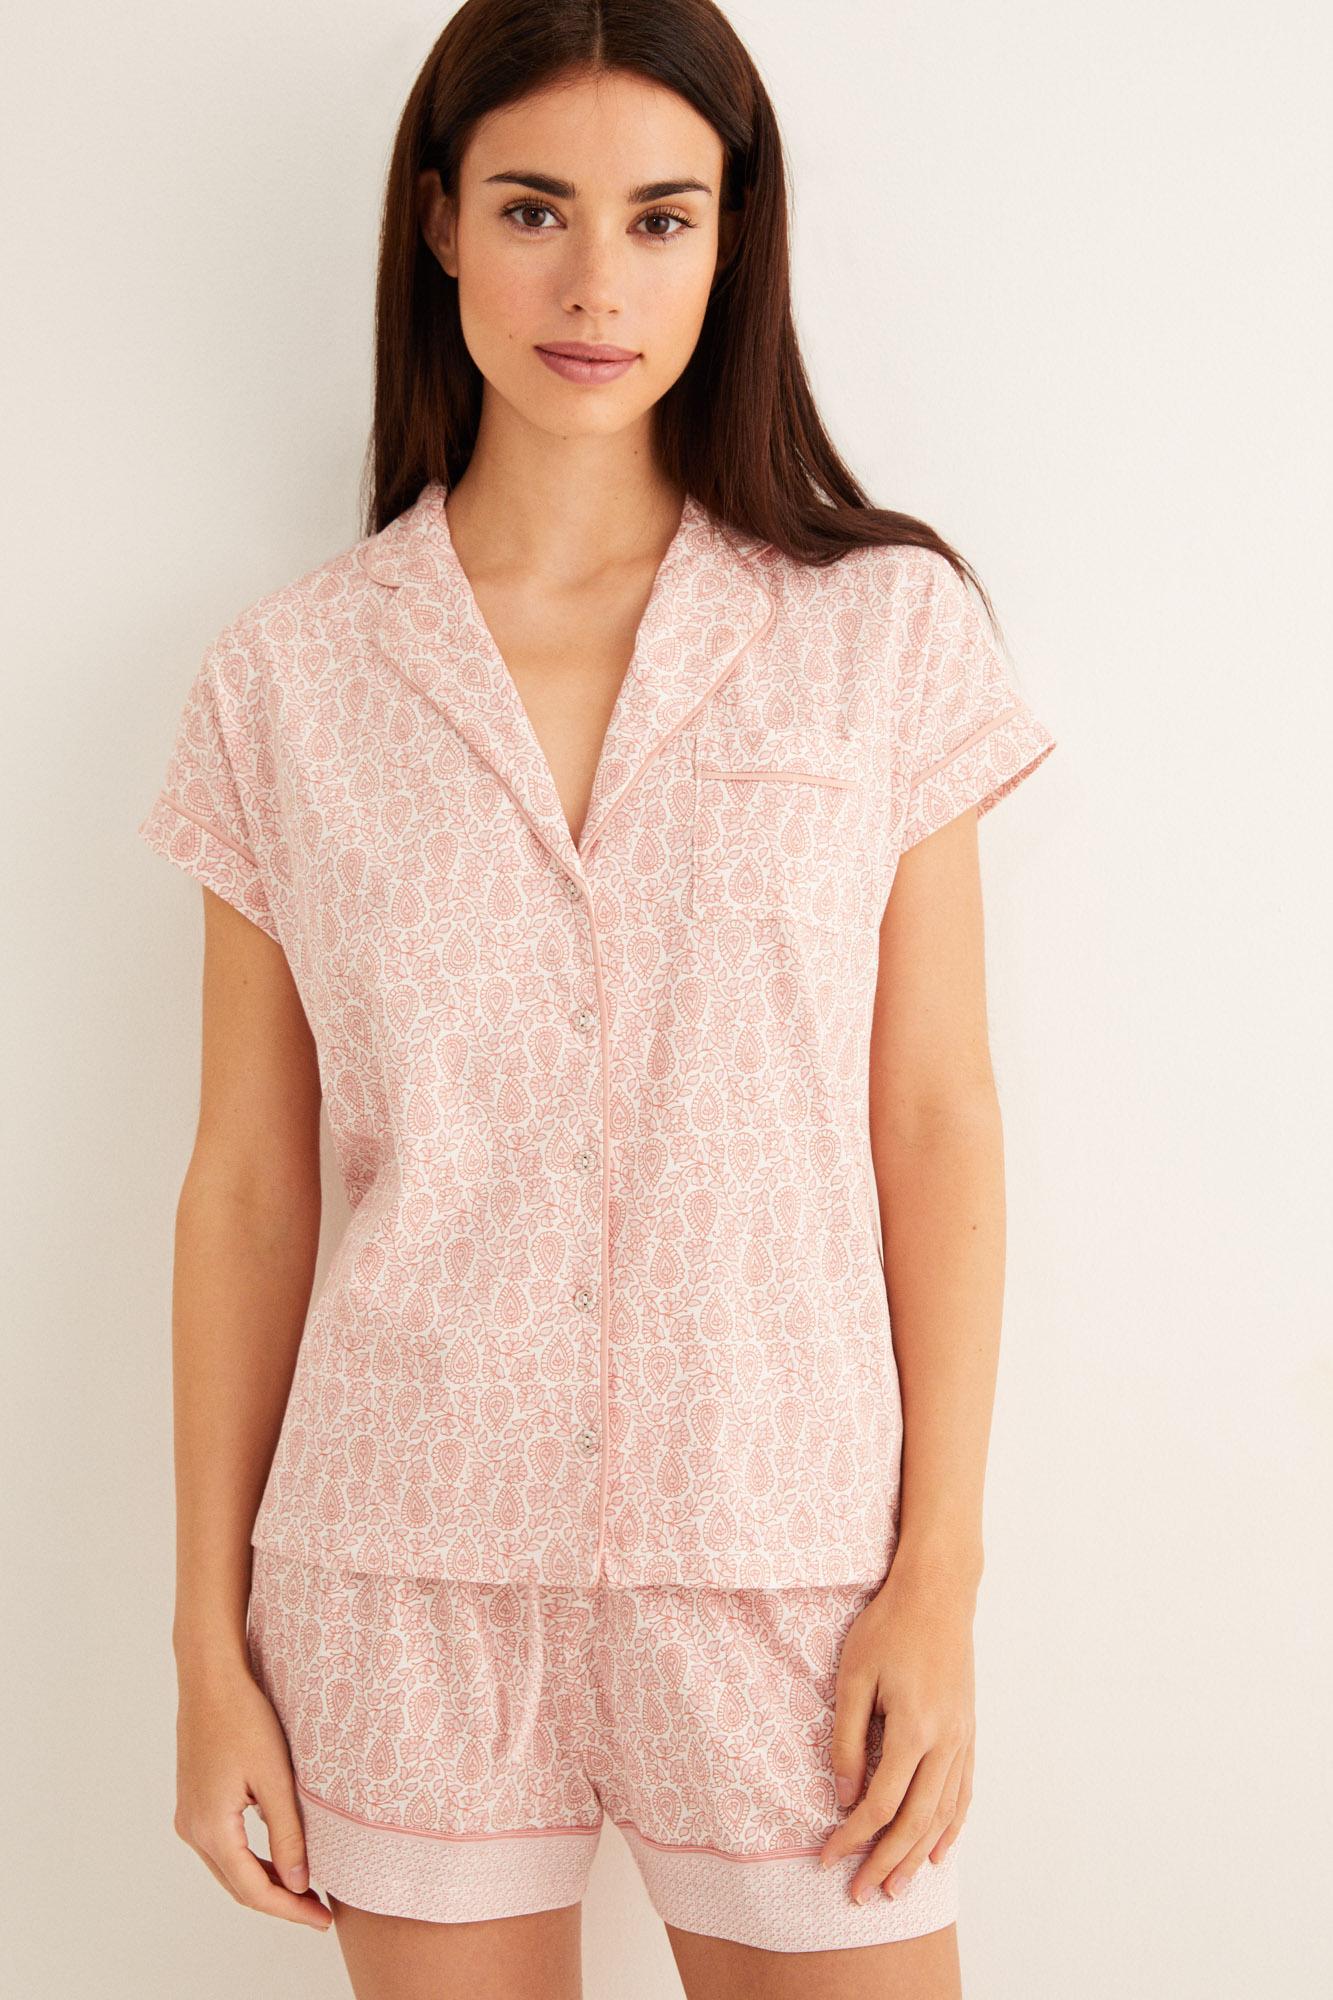 Pijama corto camisero cenefa   Pijamas cortos   Women'secret